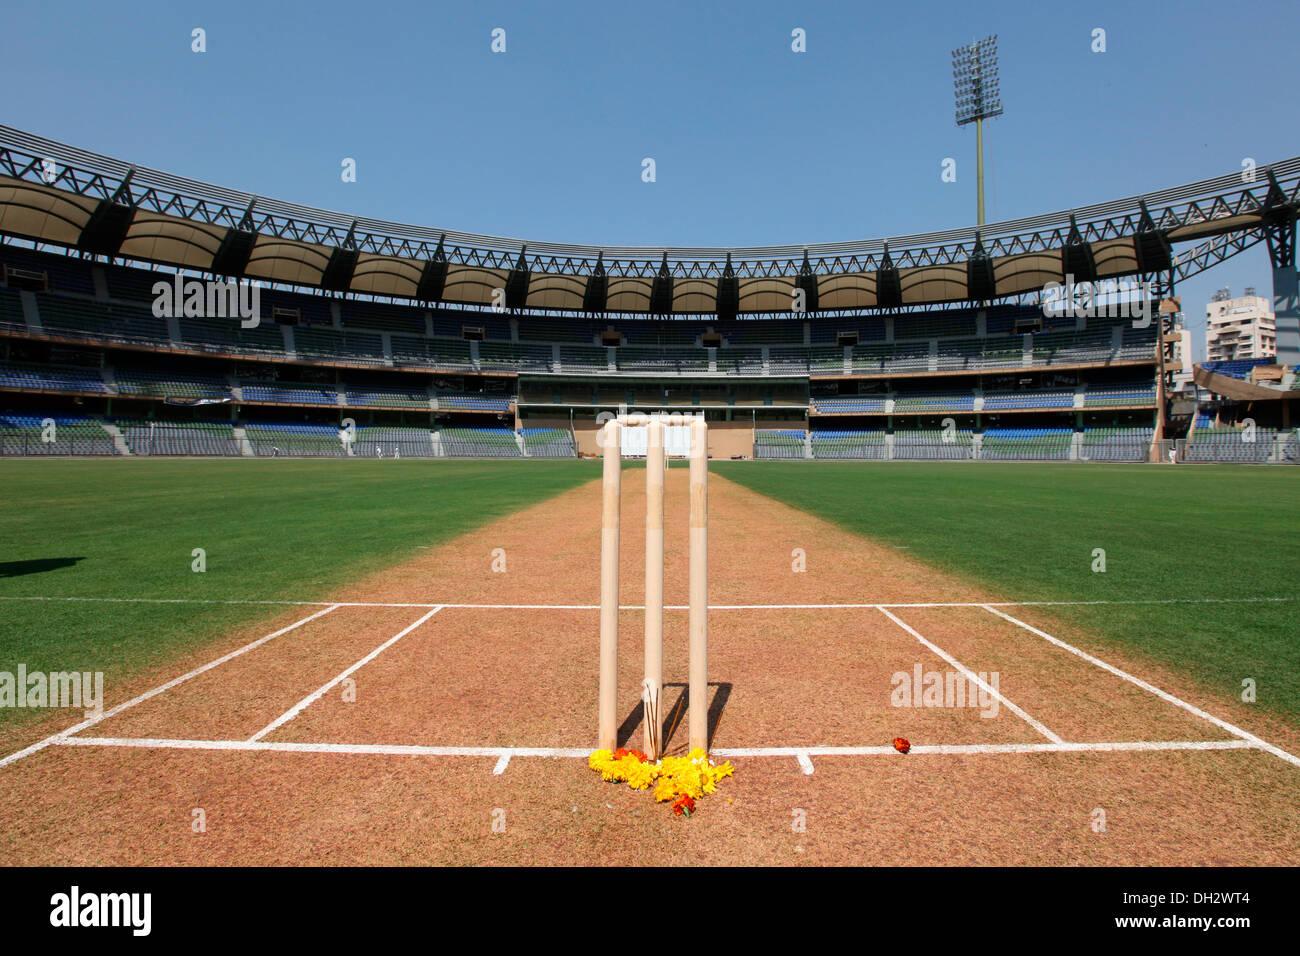 cricket ground wallpaper download